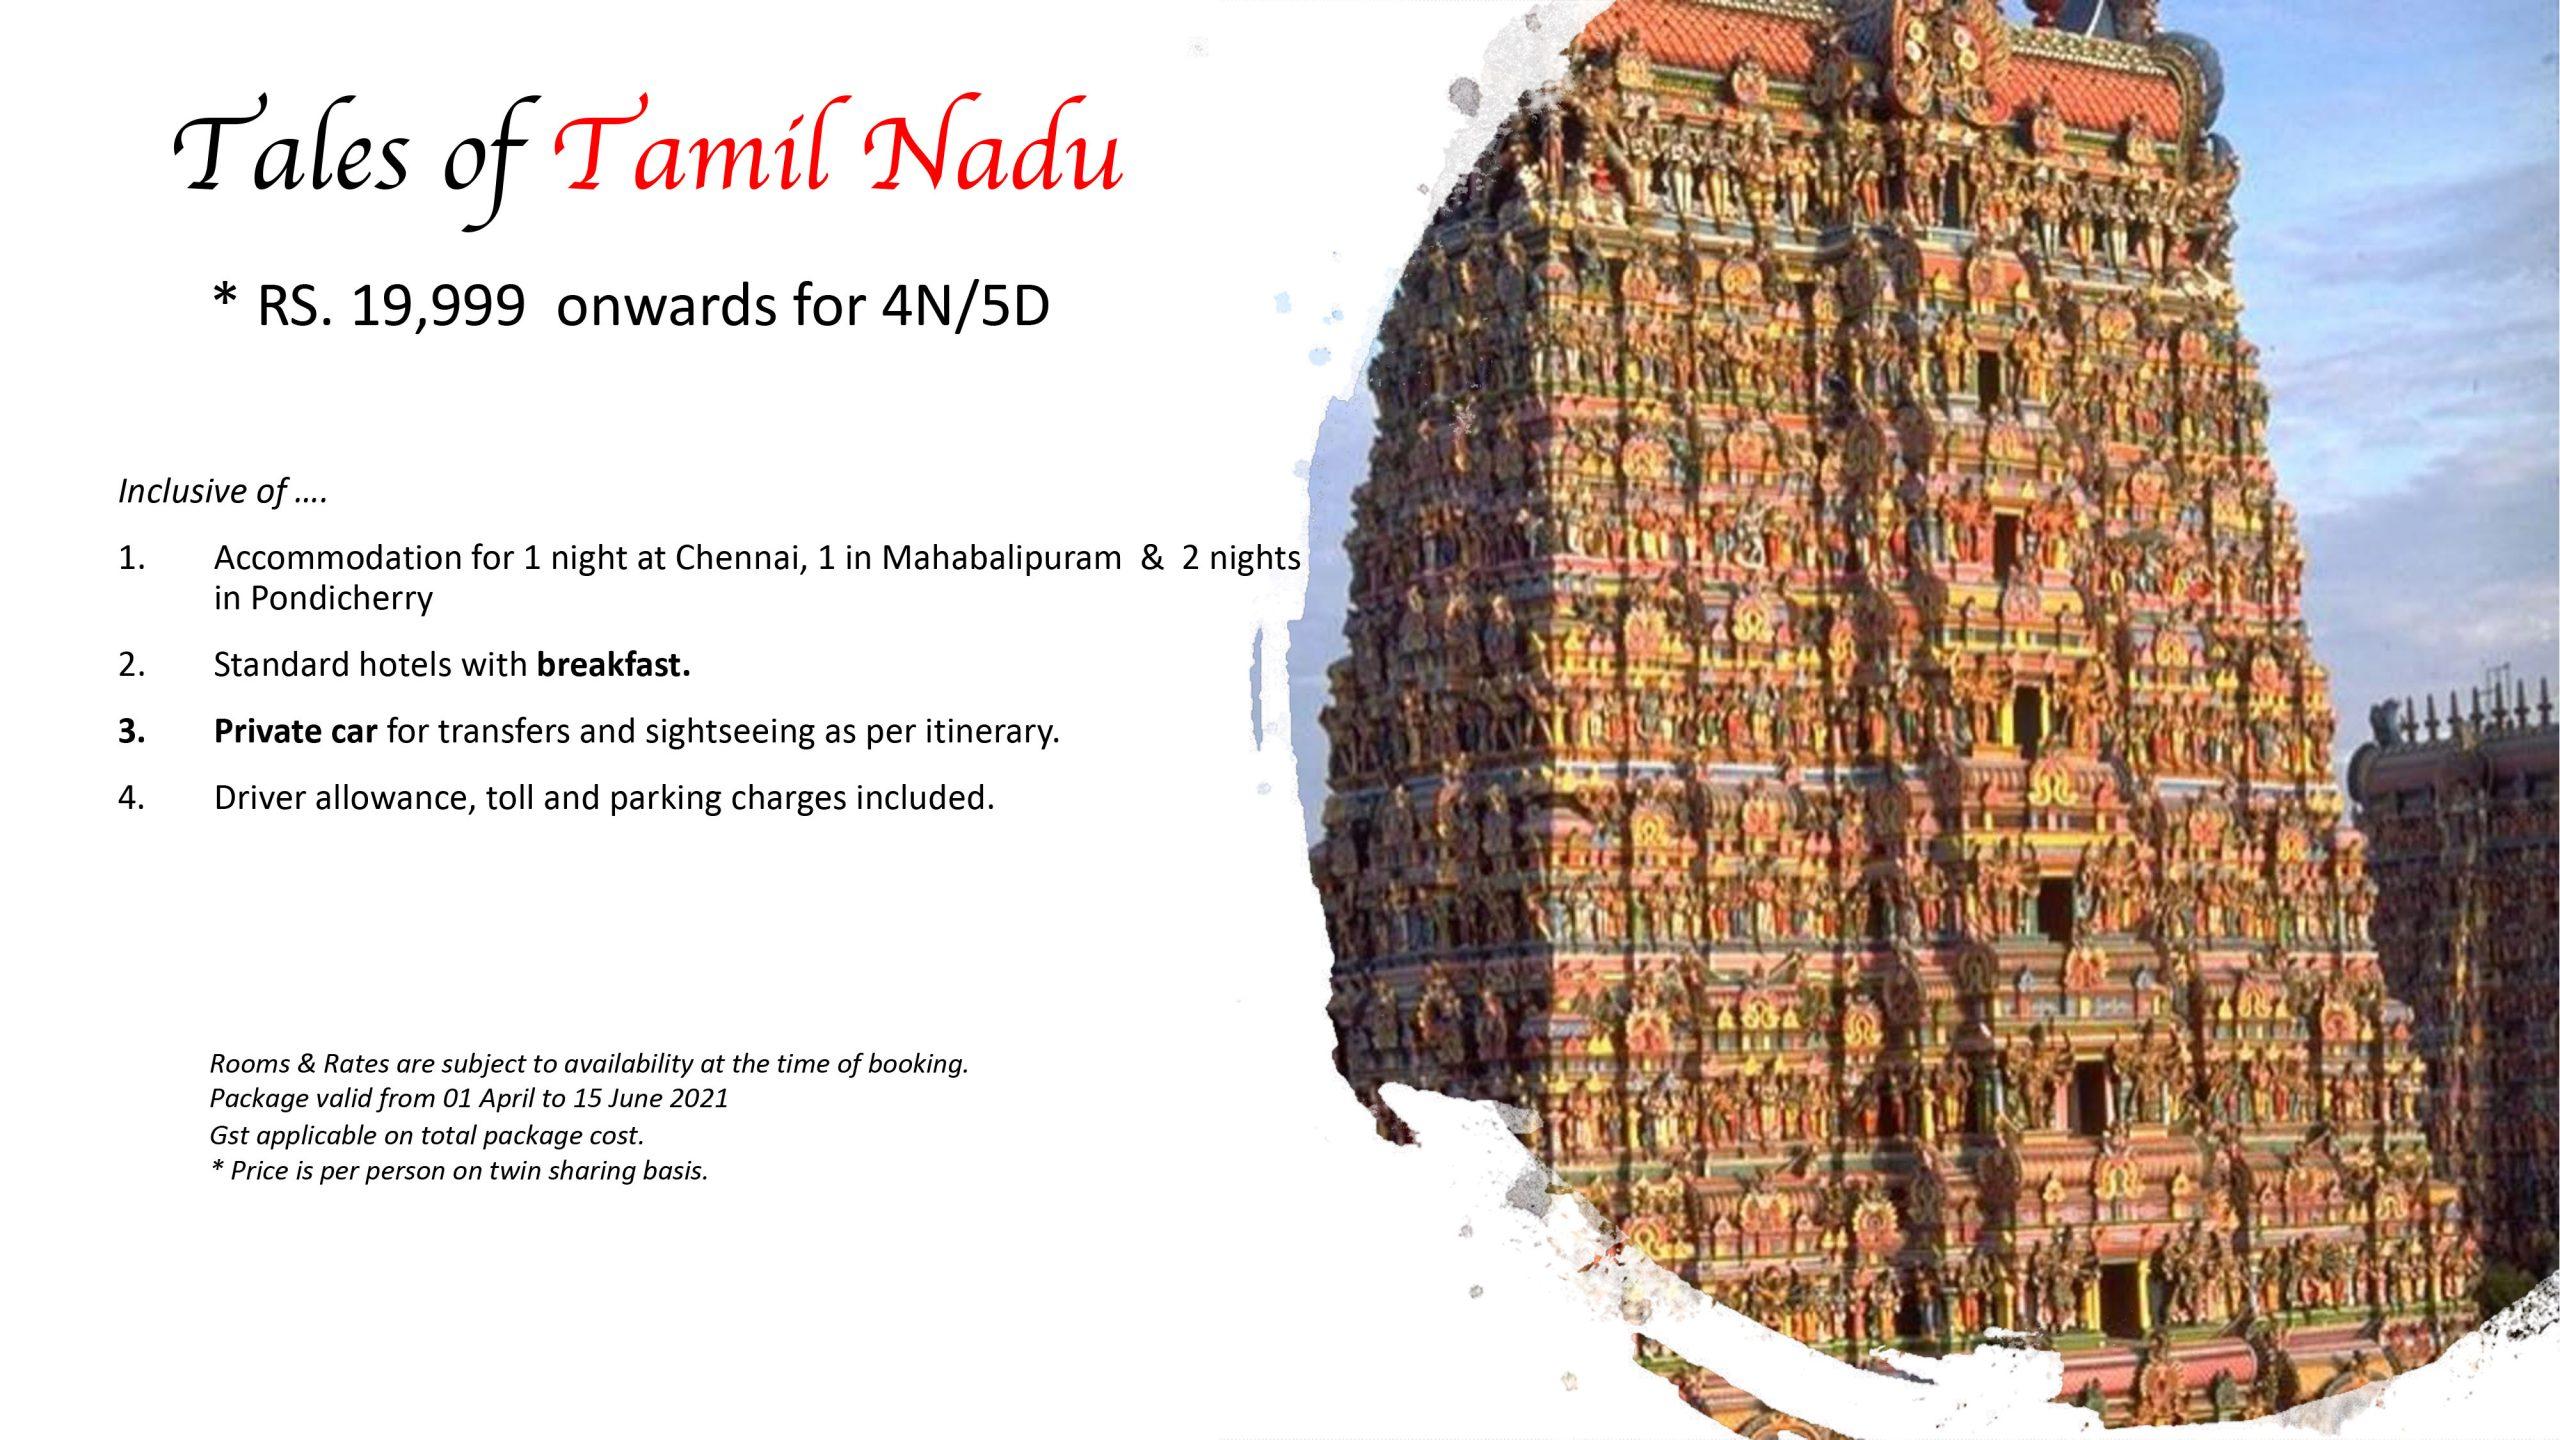 Tales of Tamil Nadu